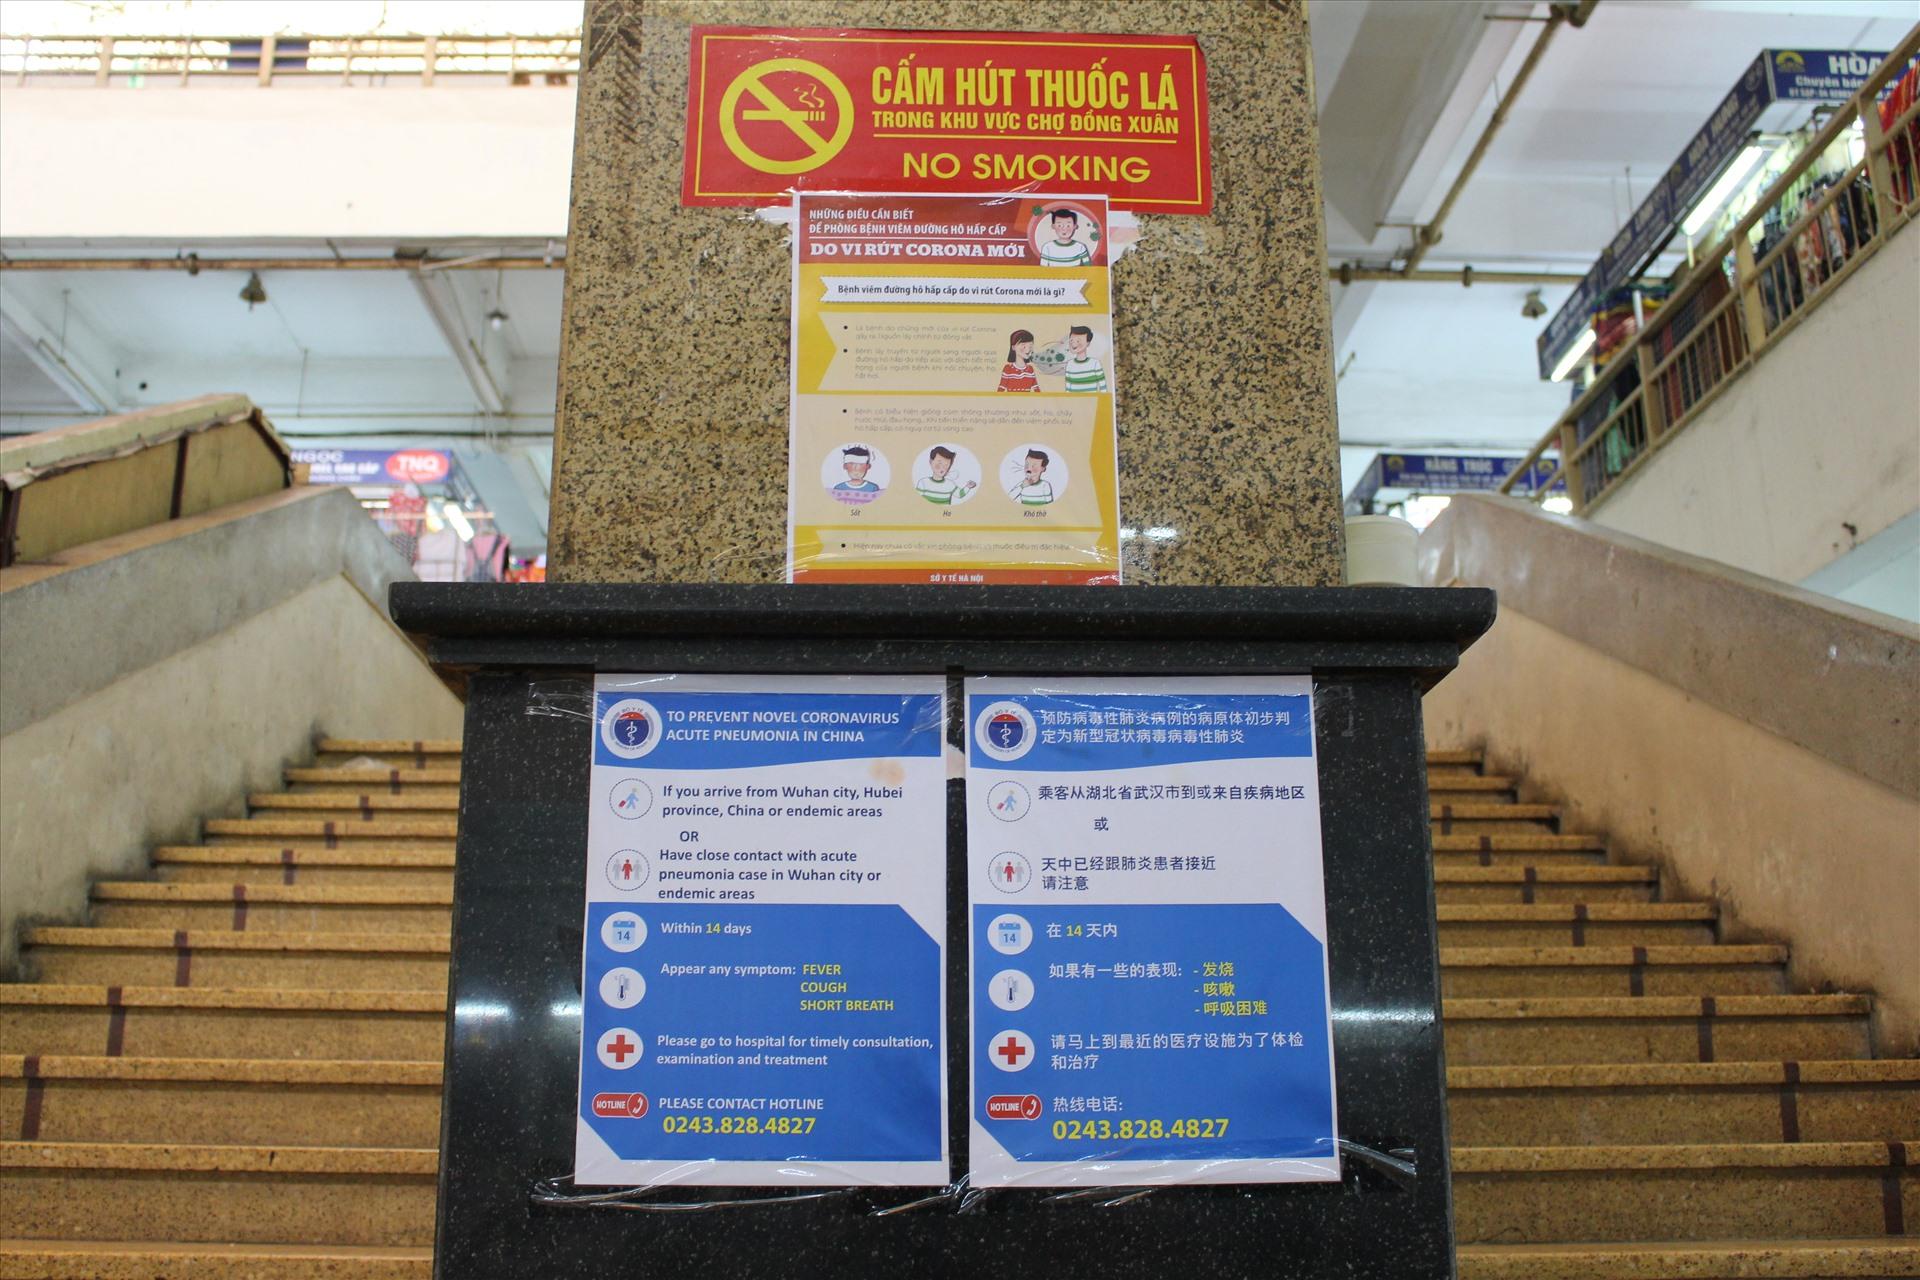 Các hướng dẫn về cách rửa tay và đeo khẩu trang đúng cách (cả Tiếng Anh và Tiếng Trung ) được dán tại các cầu thang trong khu chợ với hy vọng đẩy lùi bệnh để mang lại thu nhập ổn định cho các tiểu thương.